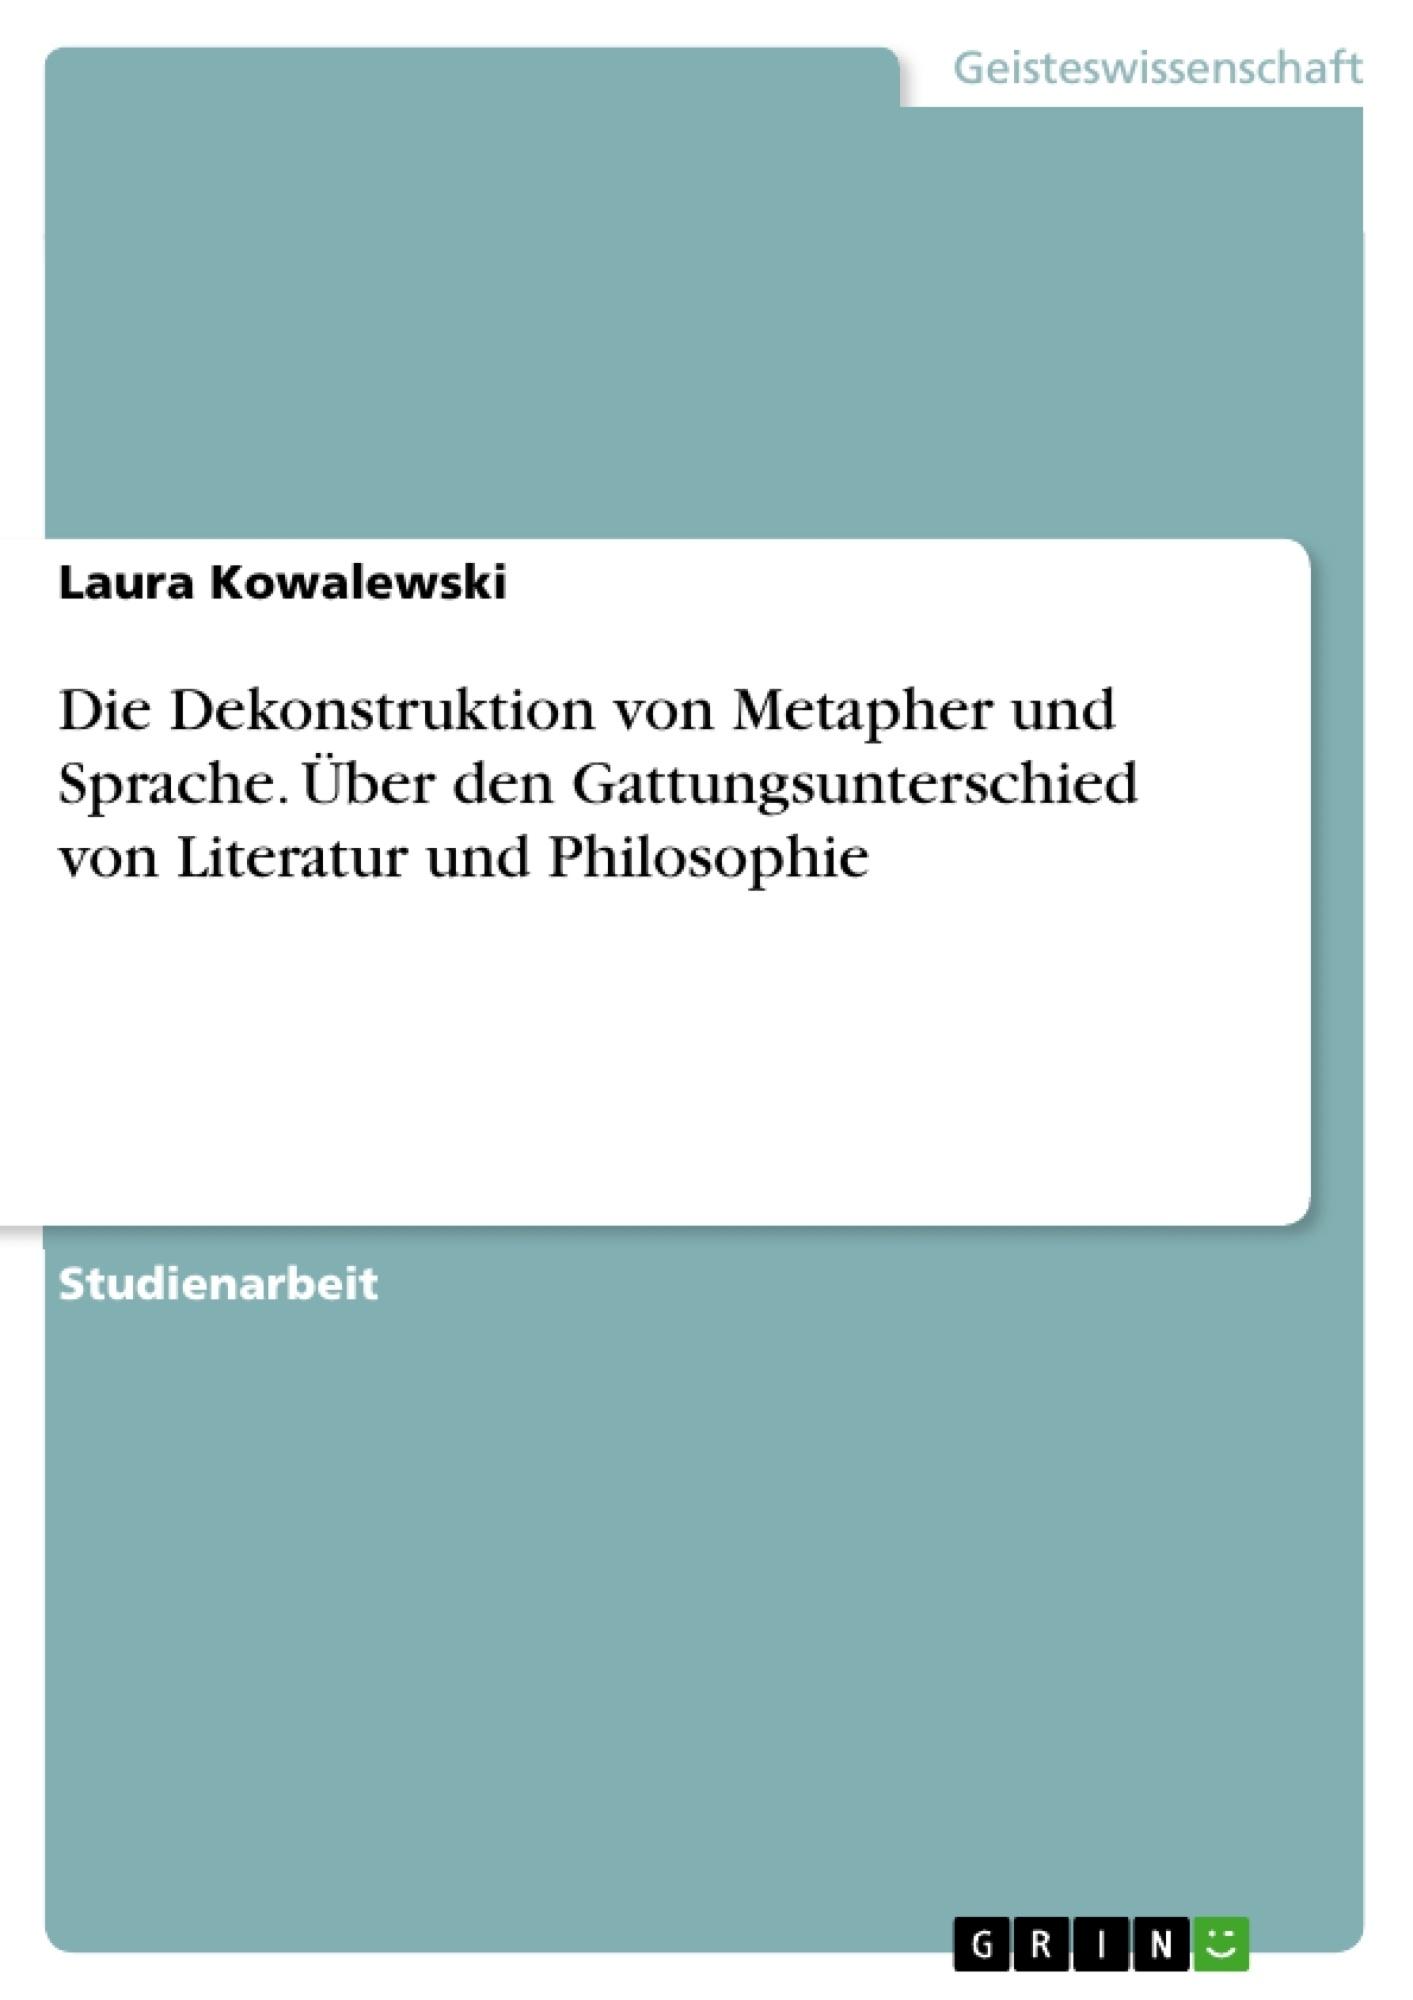 Titel: Die Dekonstruktion von Metapher und Sprache. Über den Gattungsunterschied von Literatur und Philosophie